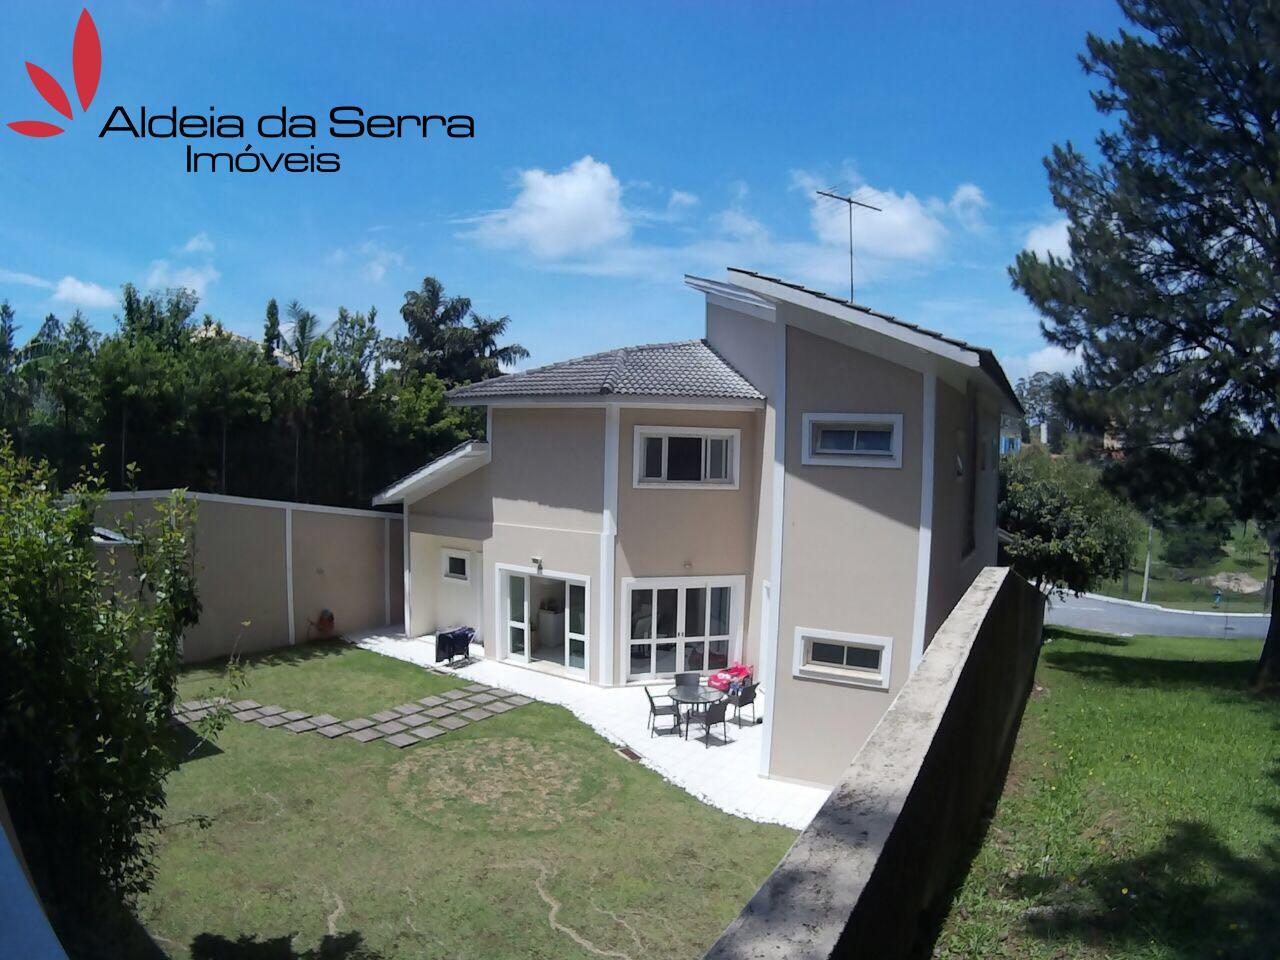 /admin/imoveis/fotos/IMG-20170411-WA0004_11042017161919.jpg Aldeia da Serra Imoveis